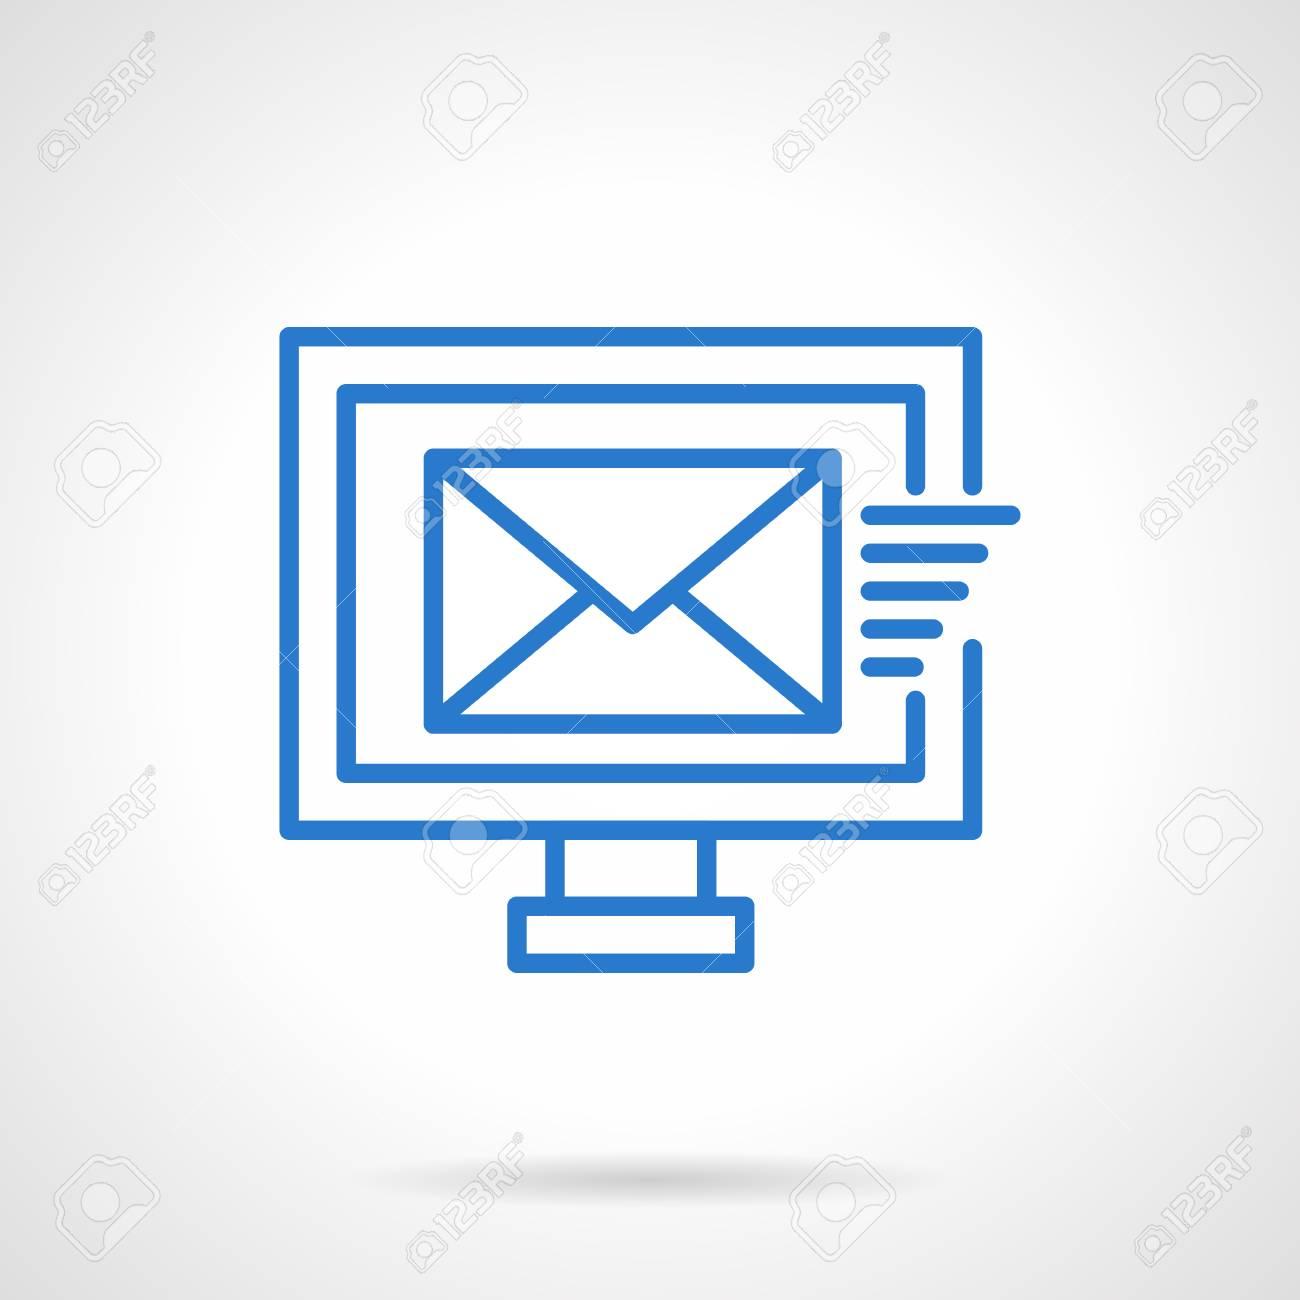 8bf3439c48209 Enviando correo electrónico Marketing y e-business. Icono de vector simple  línea azul. Elemento de diseño web único para negocios